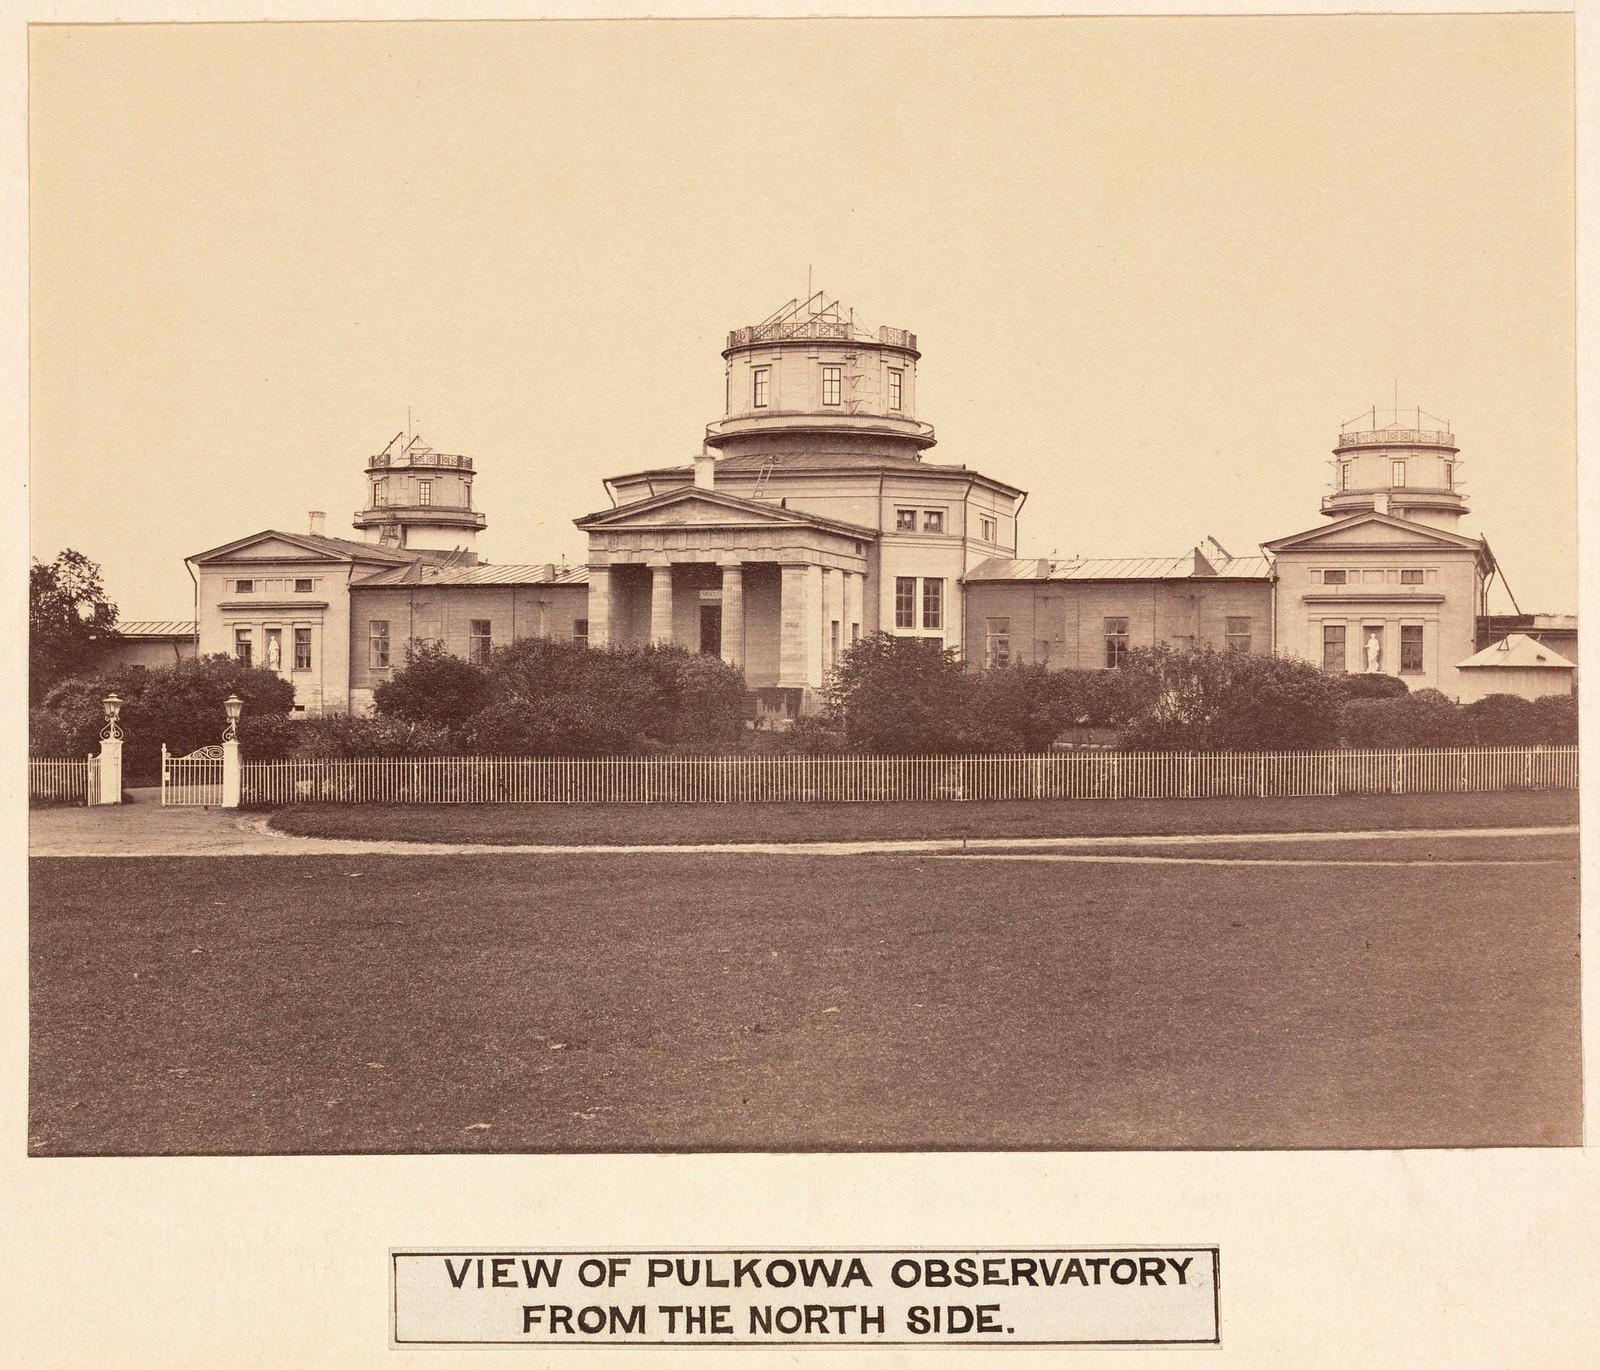 Пулковская обсерватория с северной стороны